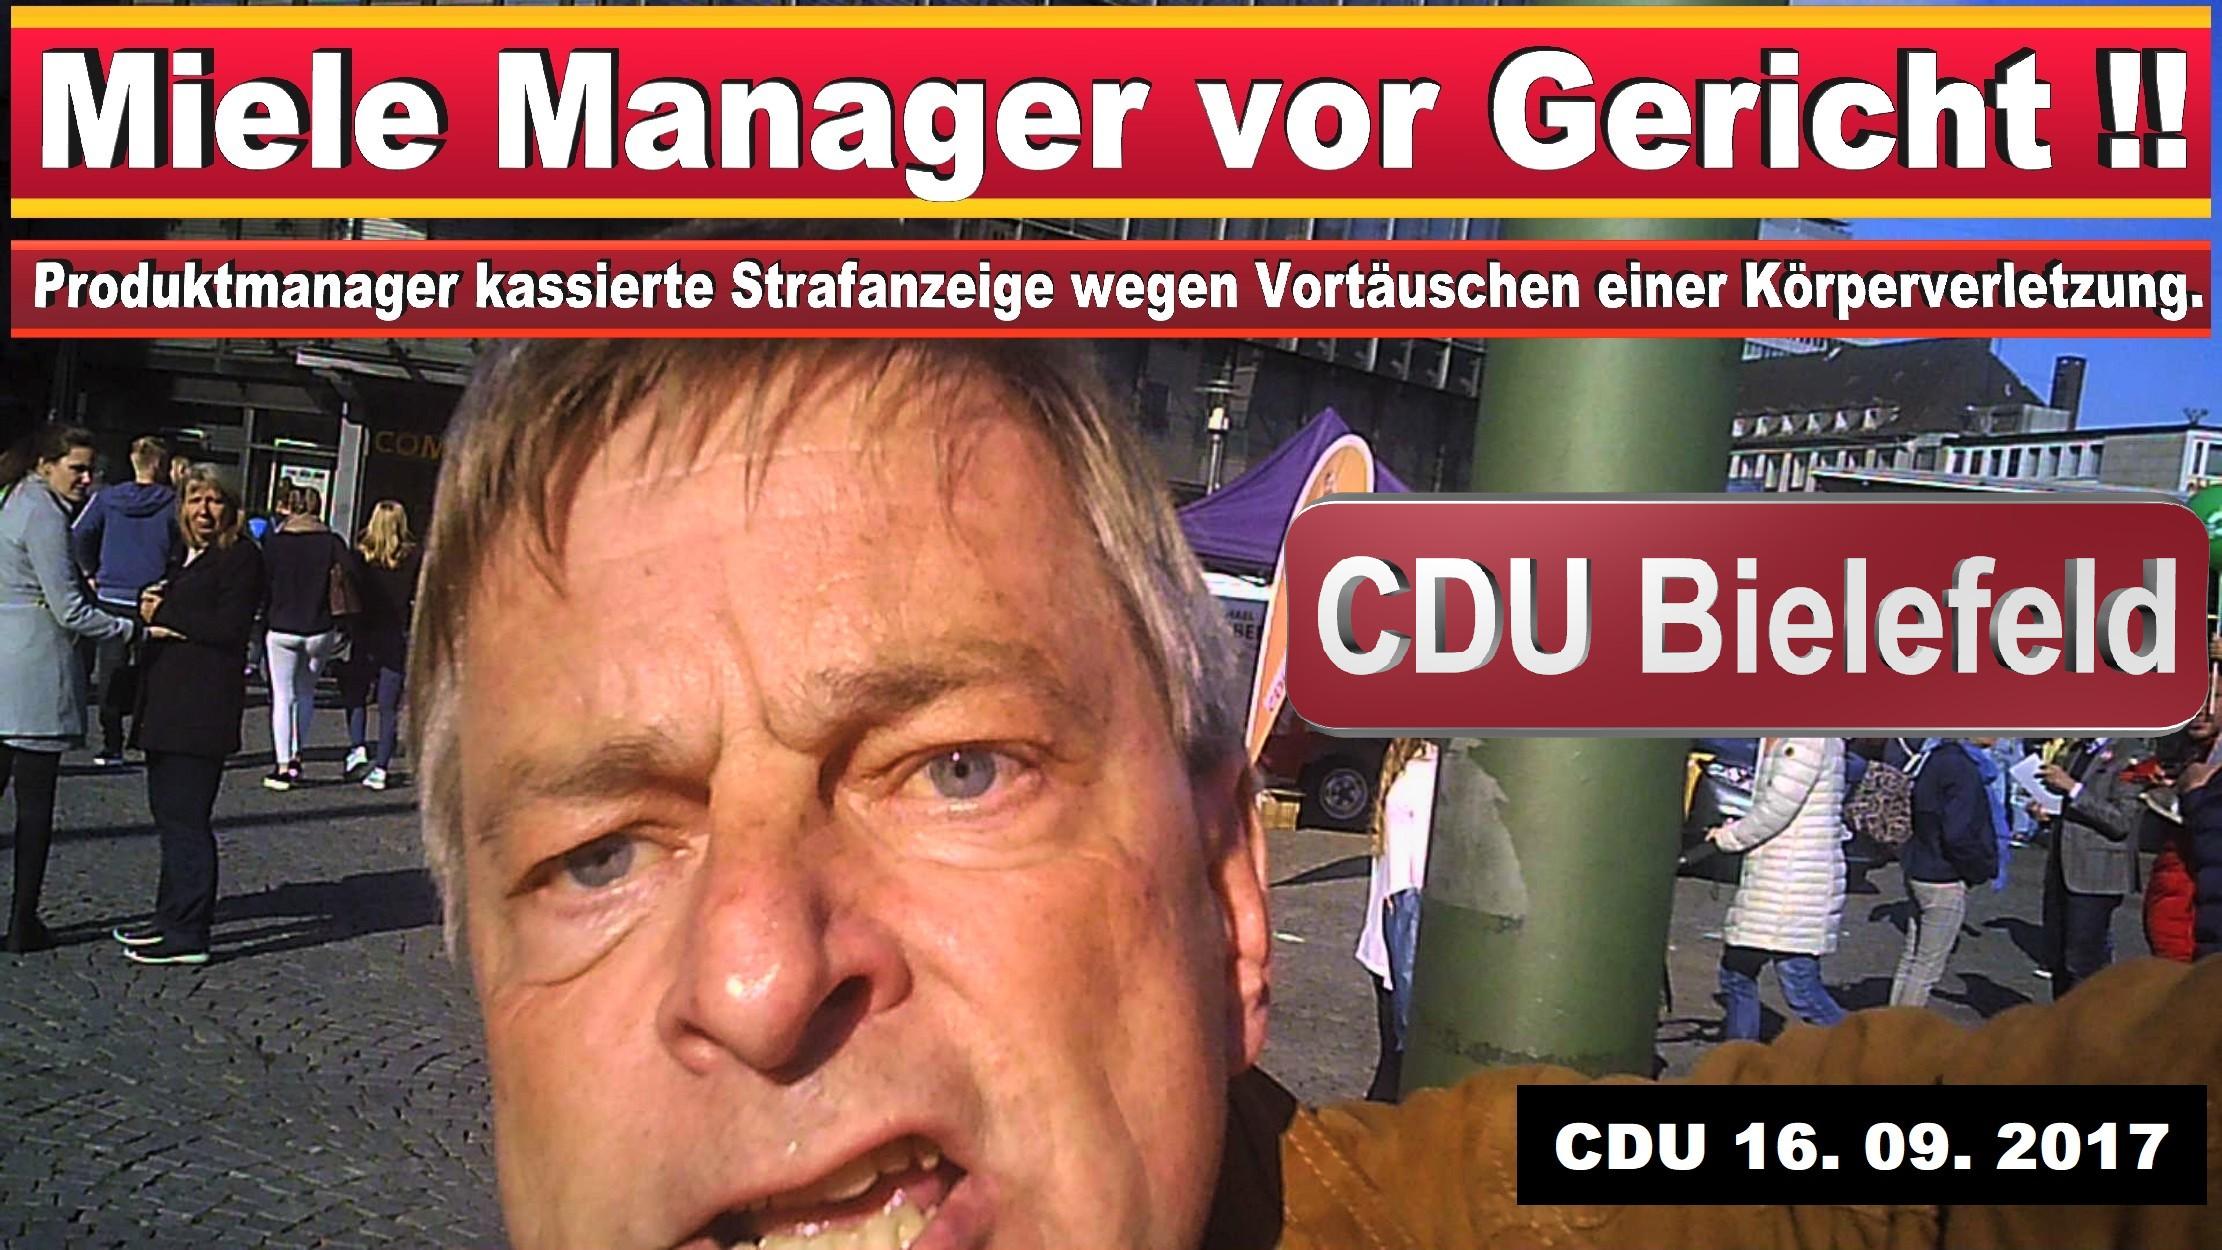 MICHAEL WEBER MIELE GüTERSLOH CDU BIELEFELD POLIZEIGEWALT GEWALTAUSBRUCH UND STRAFANZEIGE GEGEN EINEN JOURNALISTEN (1) KOPIE